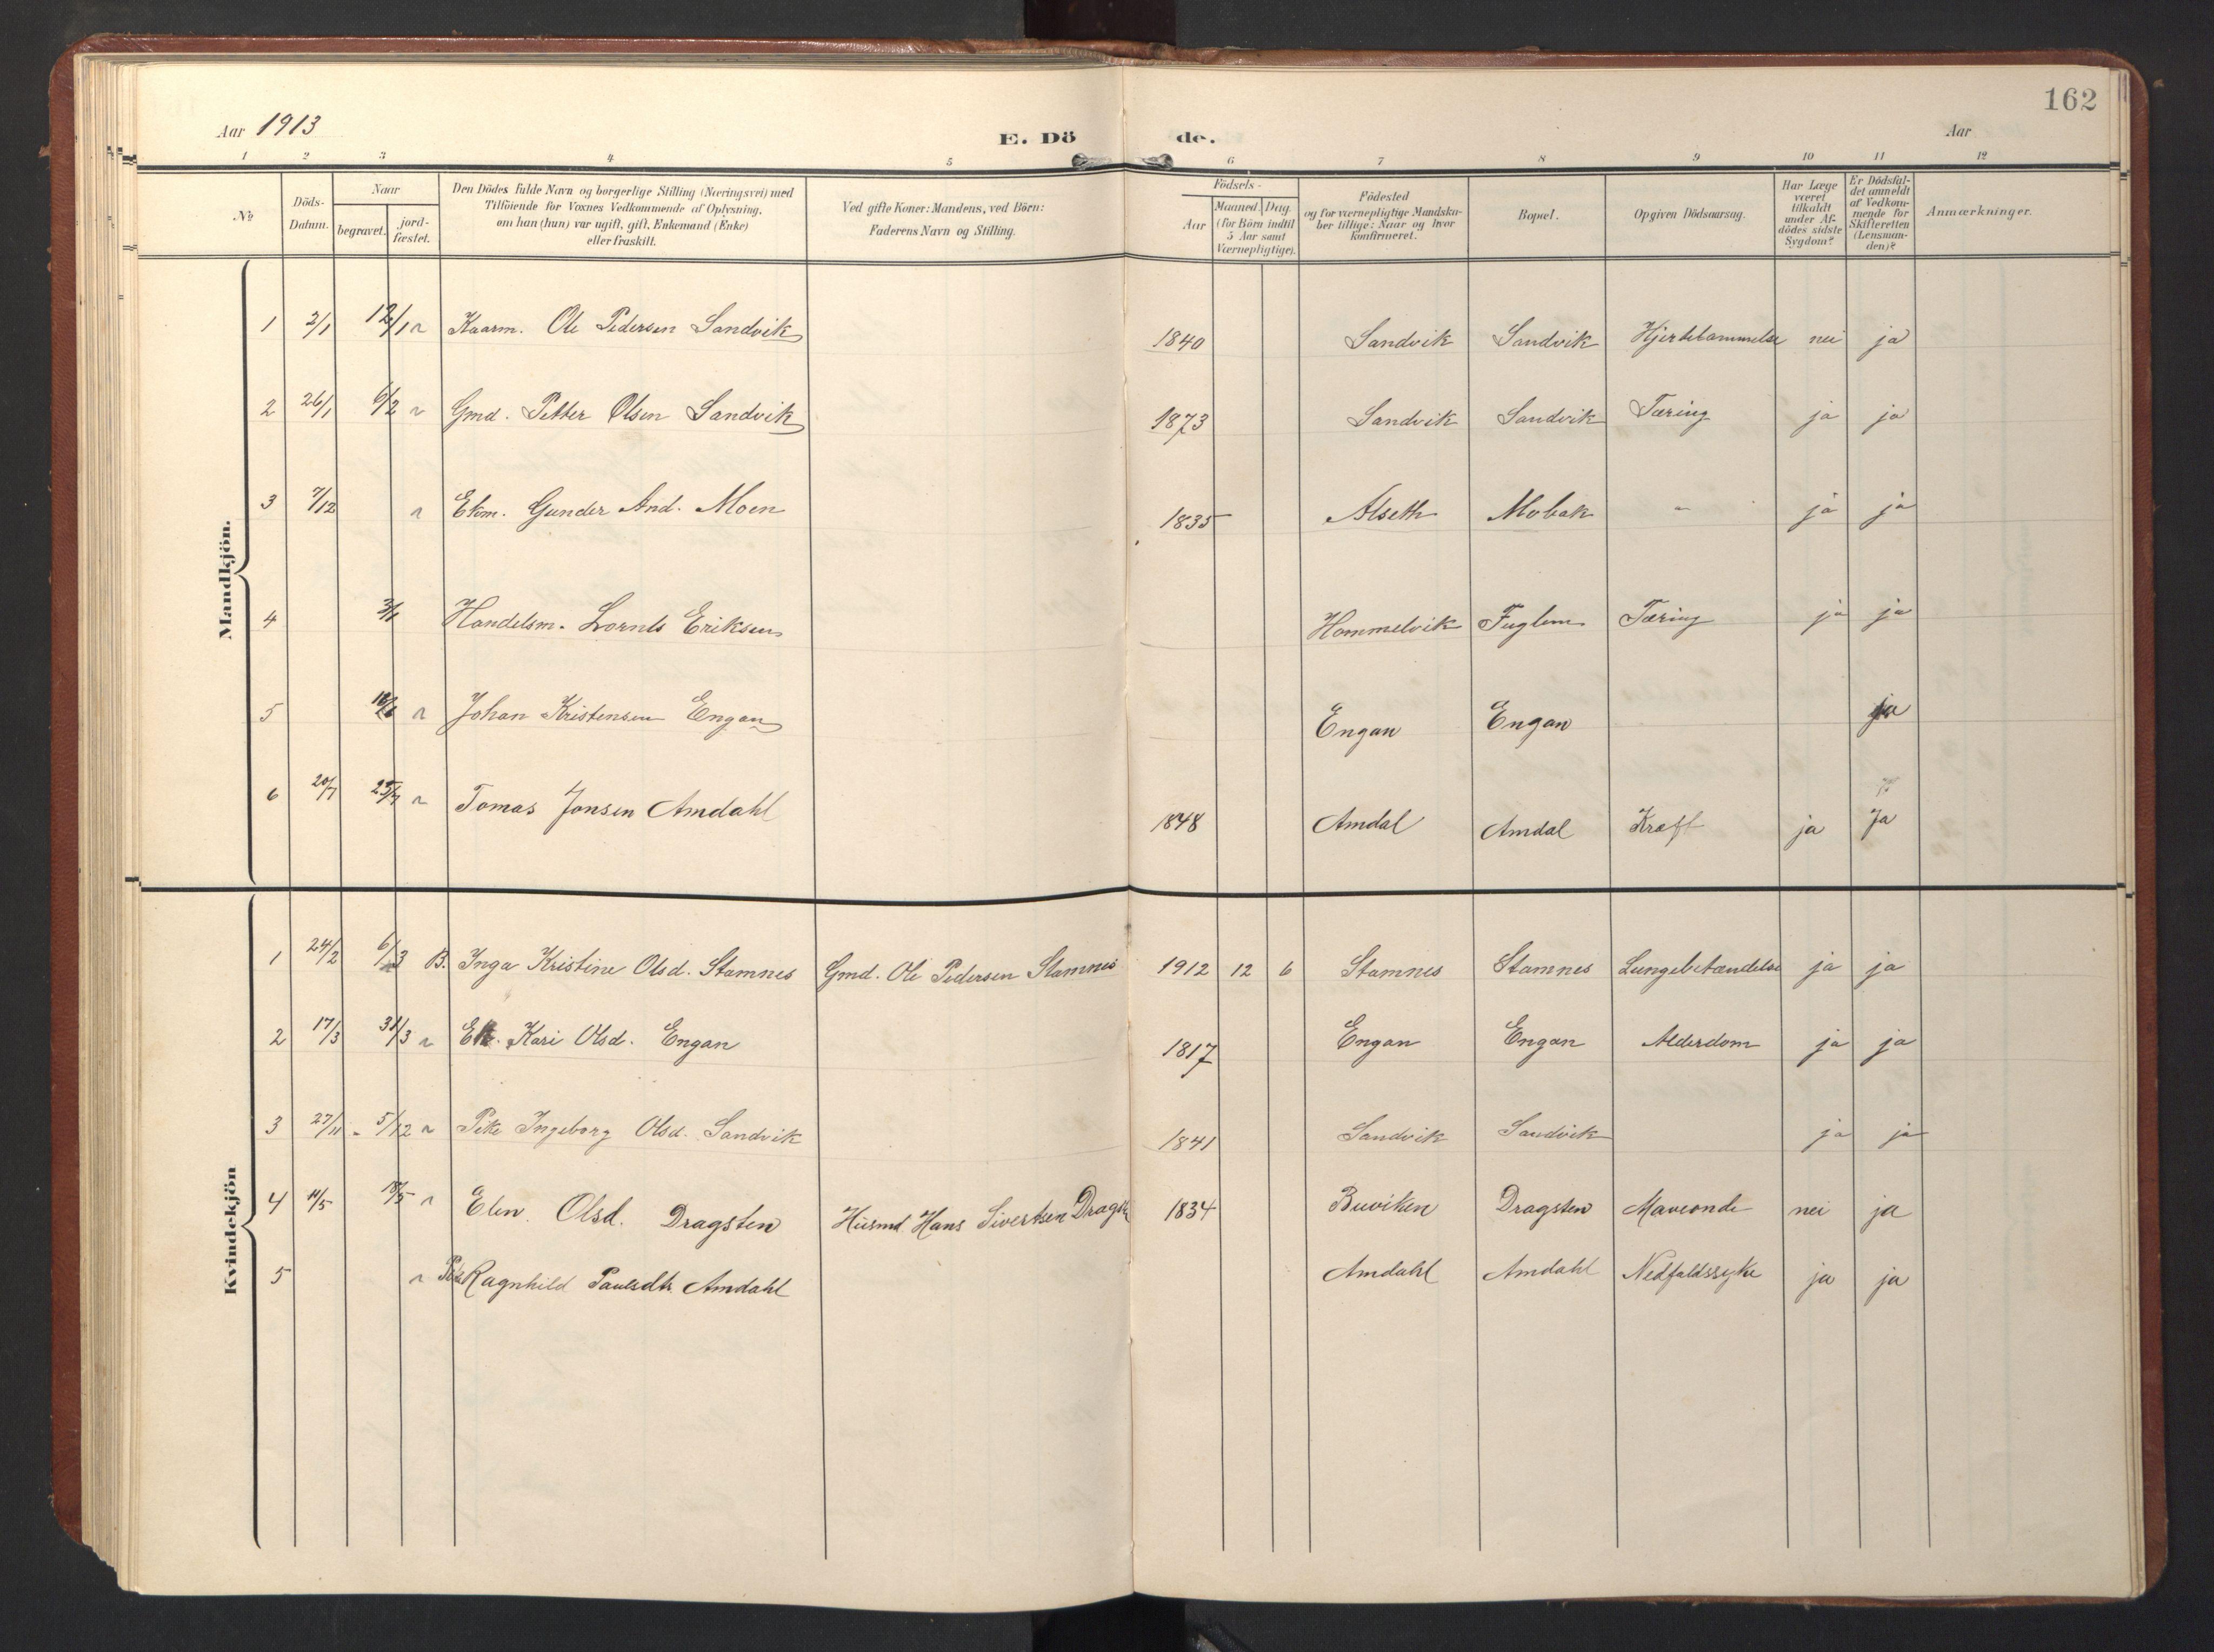 SAT, Ministerialprotokoller, klokkerbøker og fødselsregistre - Sør-Trøndelag, 696/L1161: Klokkerbok nr. 696C01, 1902-1950, s. 162